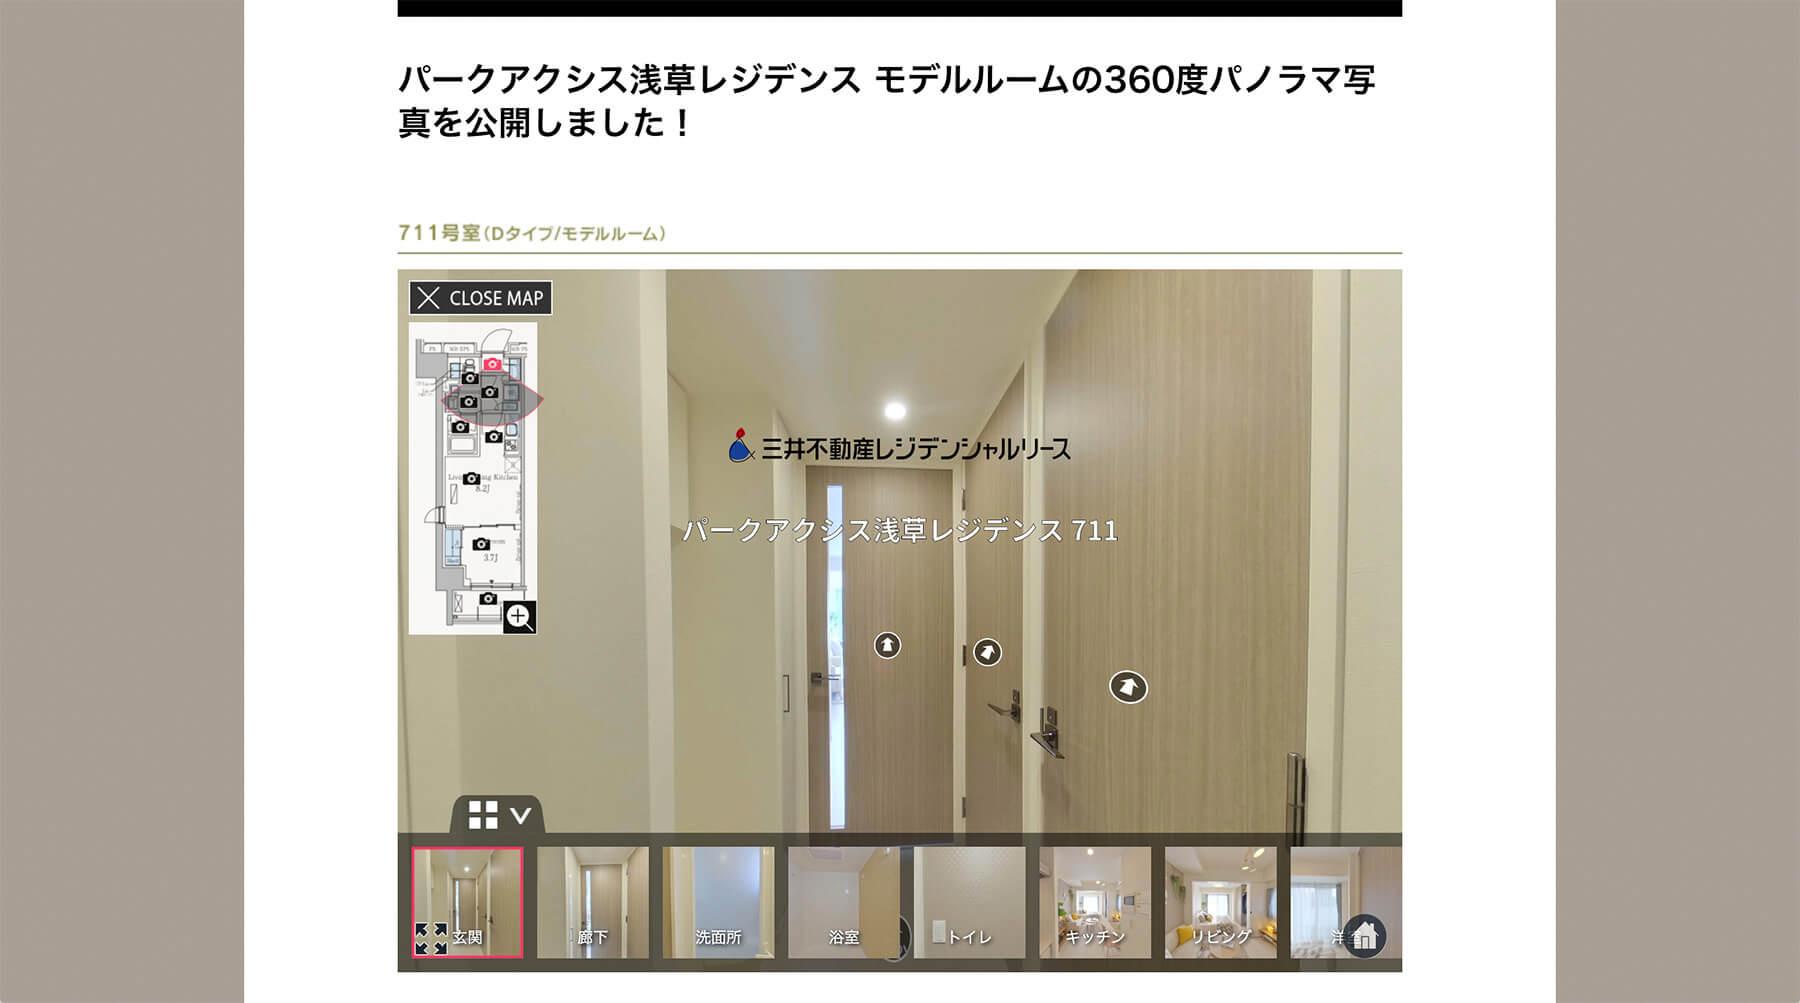 三井不動産レジデンシャルリースの360度パノラマ写真のプレスリリースのスクリーンショット